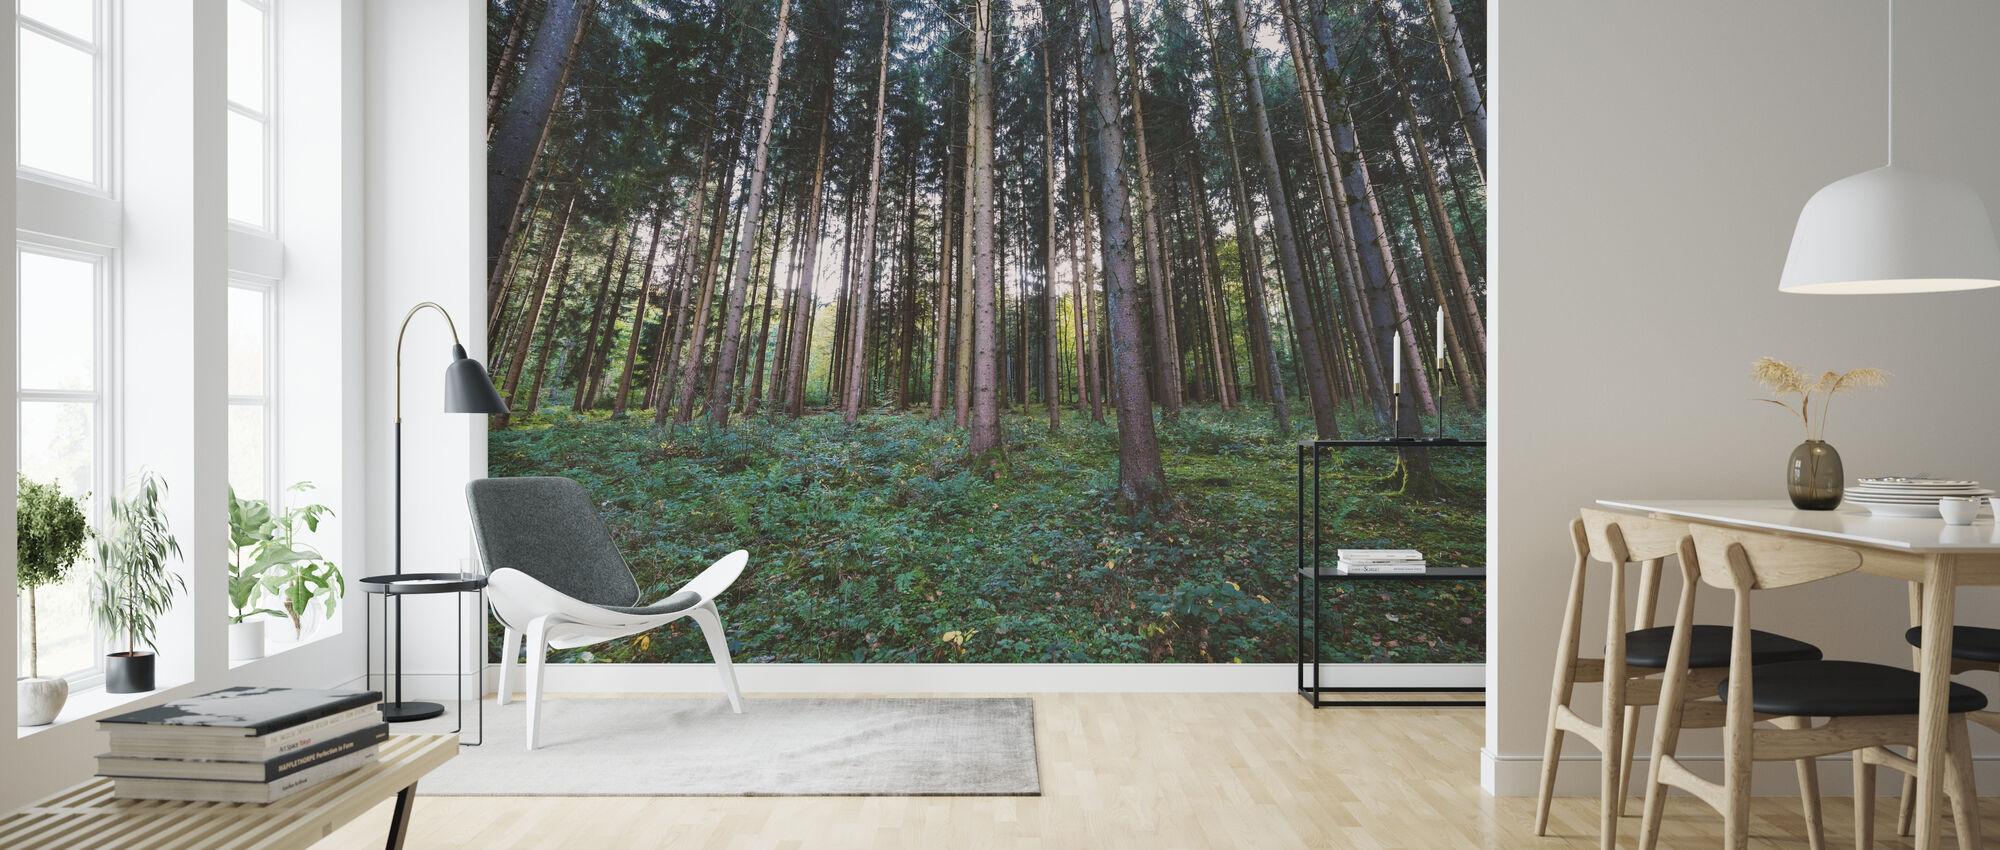 Forest Landscape - Wallpaper - Living Room